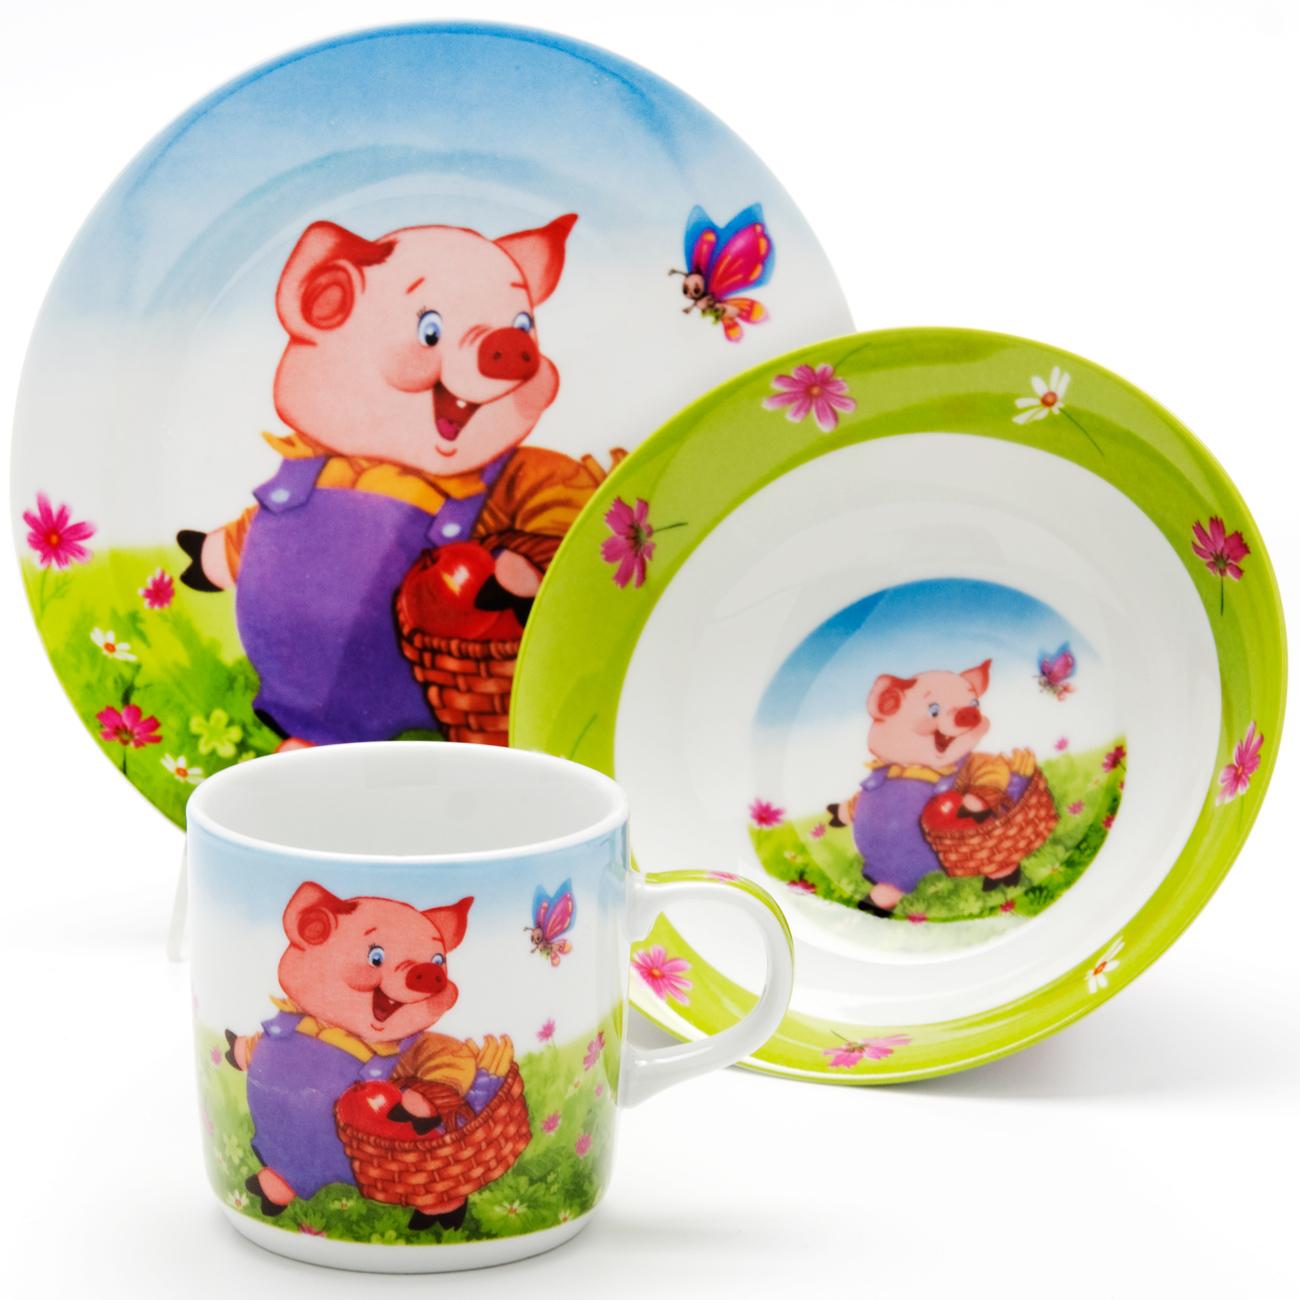 Набор посуды Loraine Поросенок, 3 предмета115510Набор посуды Поросенок сочетает в себе изысканный дизайн с максимальной функциональностью. В набор входят суповая тарелка, обеденная тарелка и кружка. Предметы набора выполнены из высококачественной керамики, декорированы красочным рисунком. Благодаря такому набору обед вашего ребенка будет еще вкуснее. Набор упакован в красочную, подарочную упаковку.Диаметр суповой тарелки: 15 см.Диаметр обеденной тарелки: 17,5 см.Объем кружки: 230 мл.